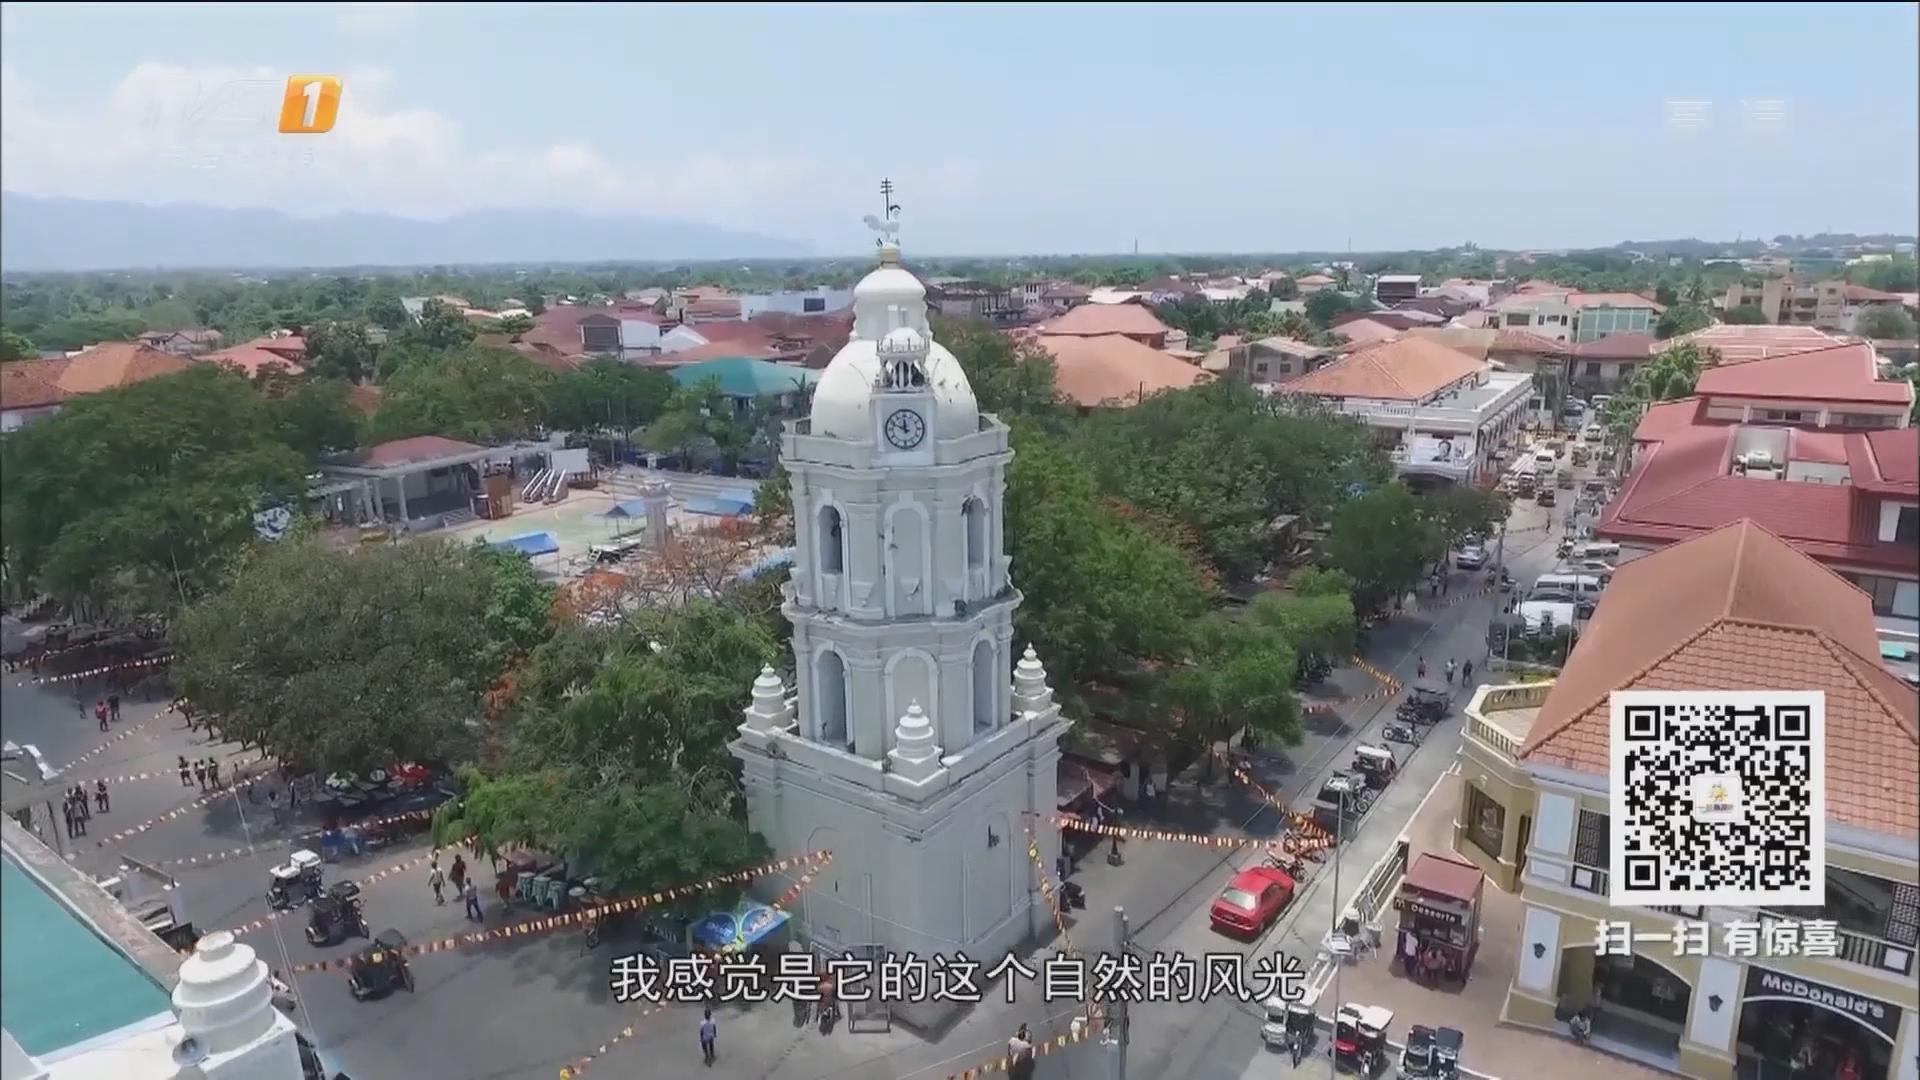 菲律宾——拉瓦格文化之旅